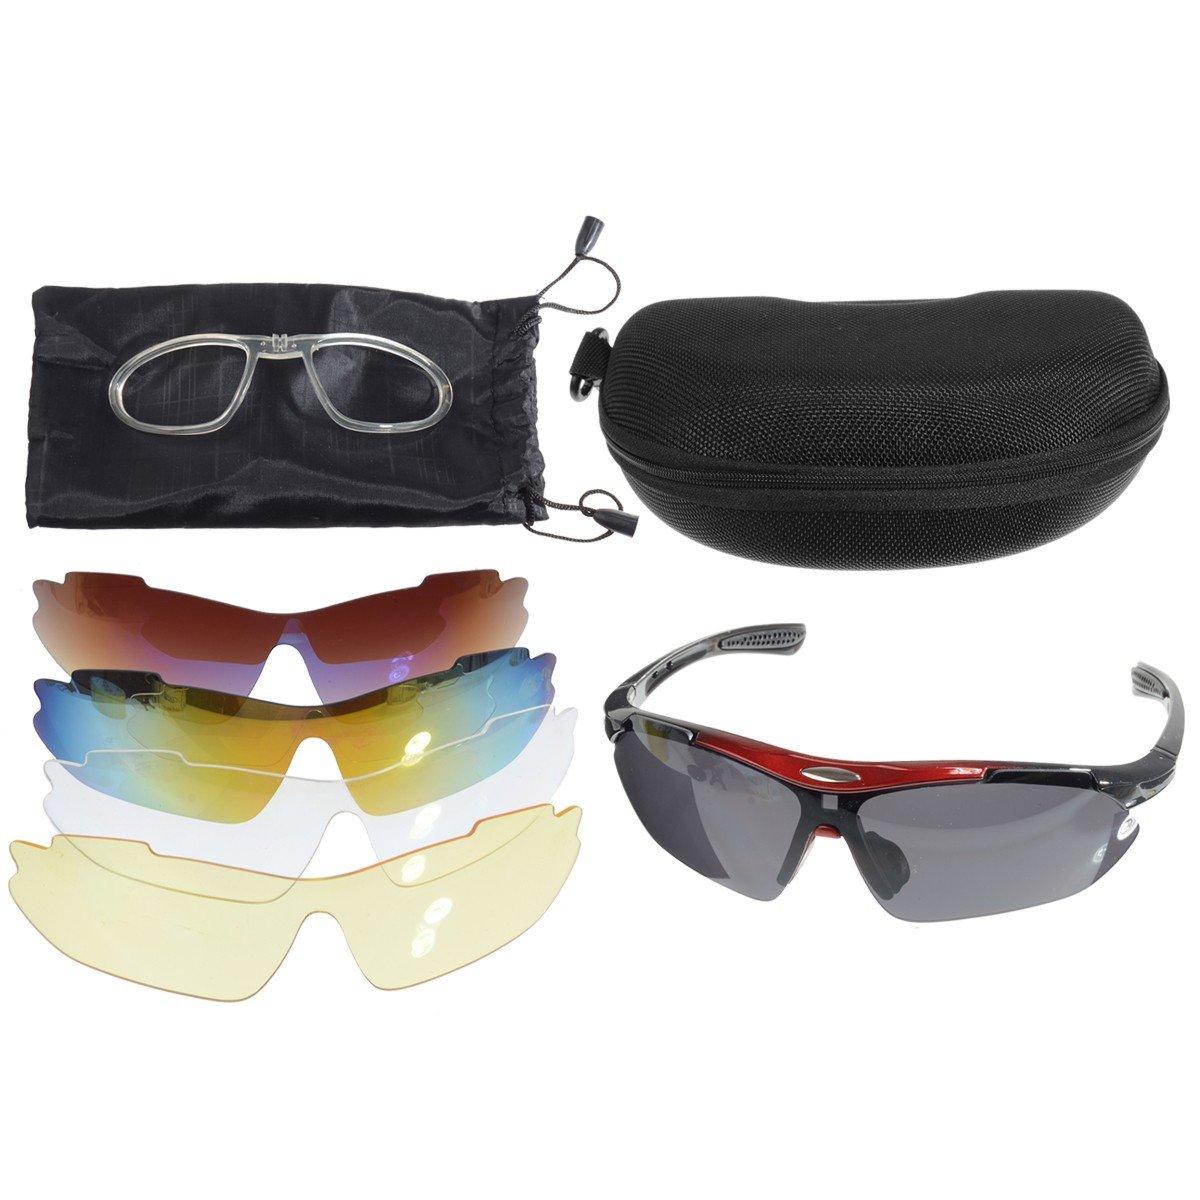 OUTERDO gafas de sol de ciclismo polarizadas. Gafas de sol UV protección de los ojos. Gafas 5 Lentes para deportes al aire libre, correr, conducir, ...